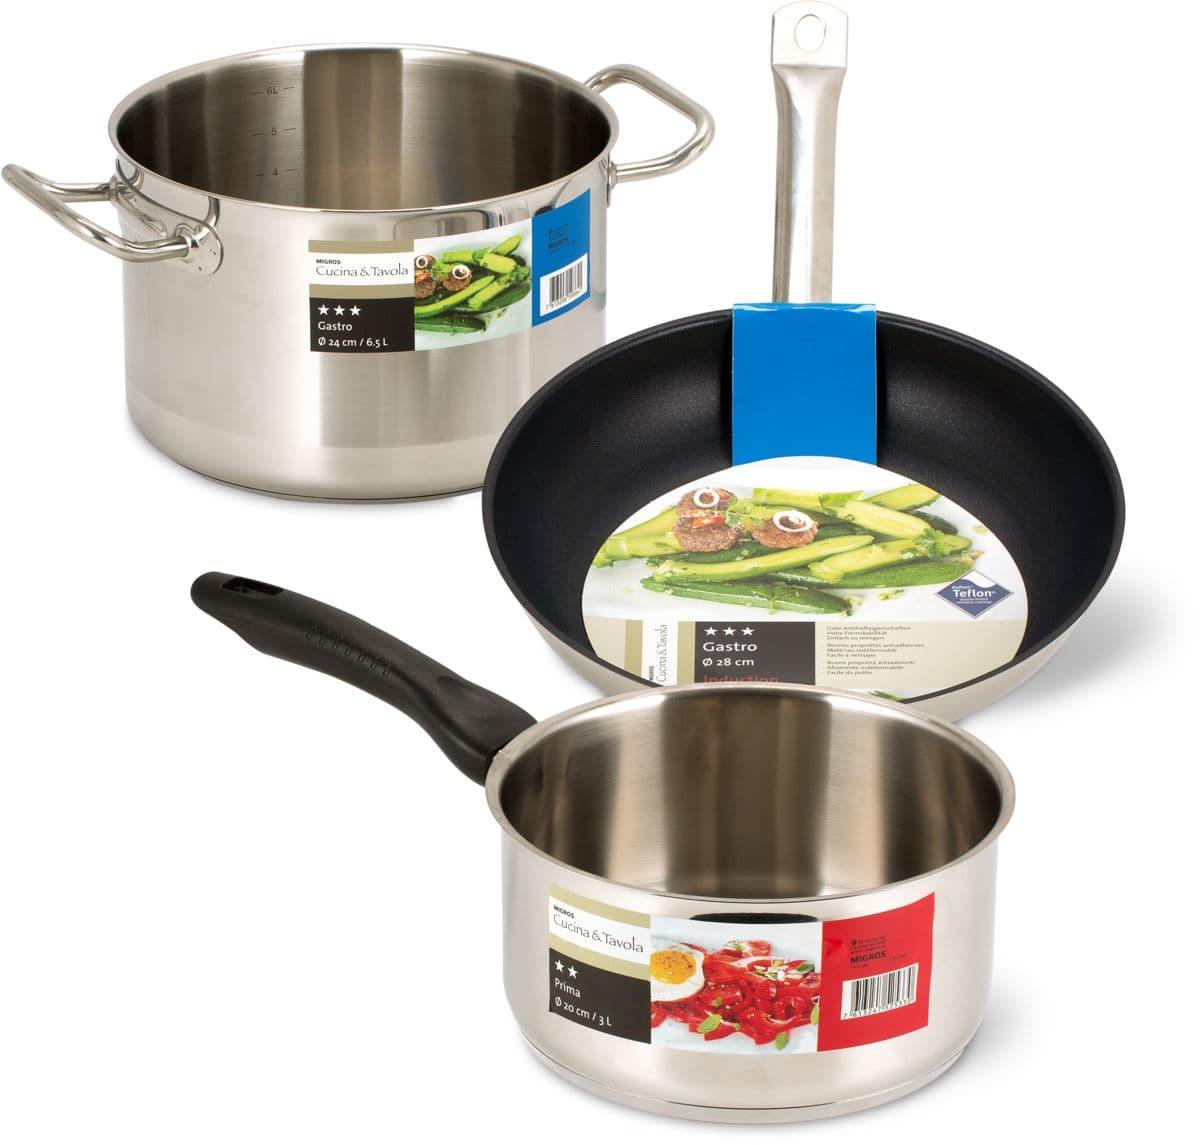 Cucina & Tavola-Prima und -Gastro Kochgeschirr-Serie